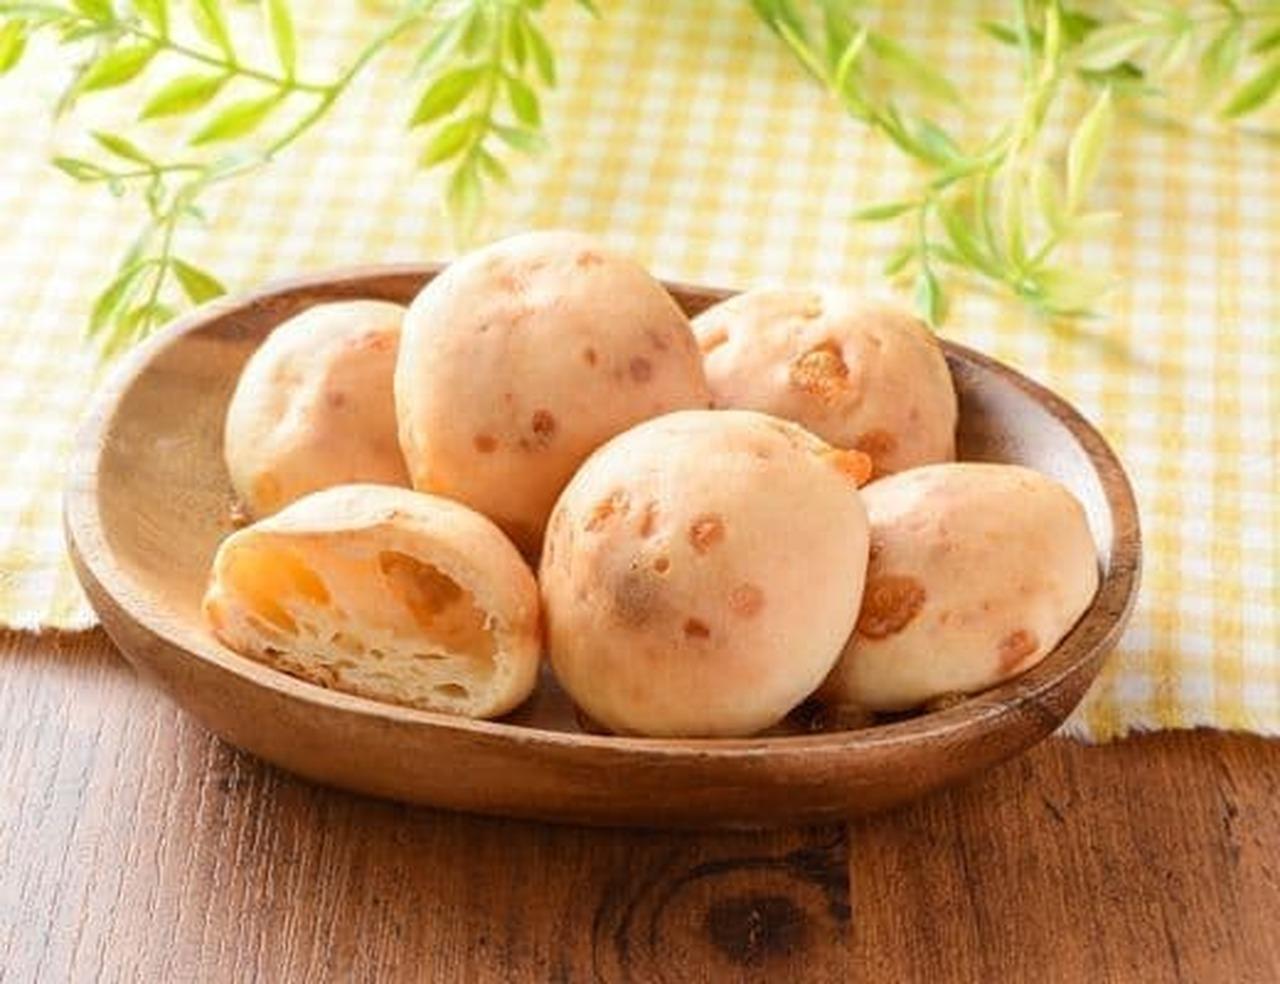 ローソン「NL ブランのチーズモッチボール 6個入~乳酸菌入~」